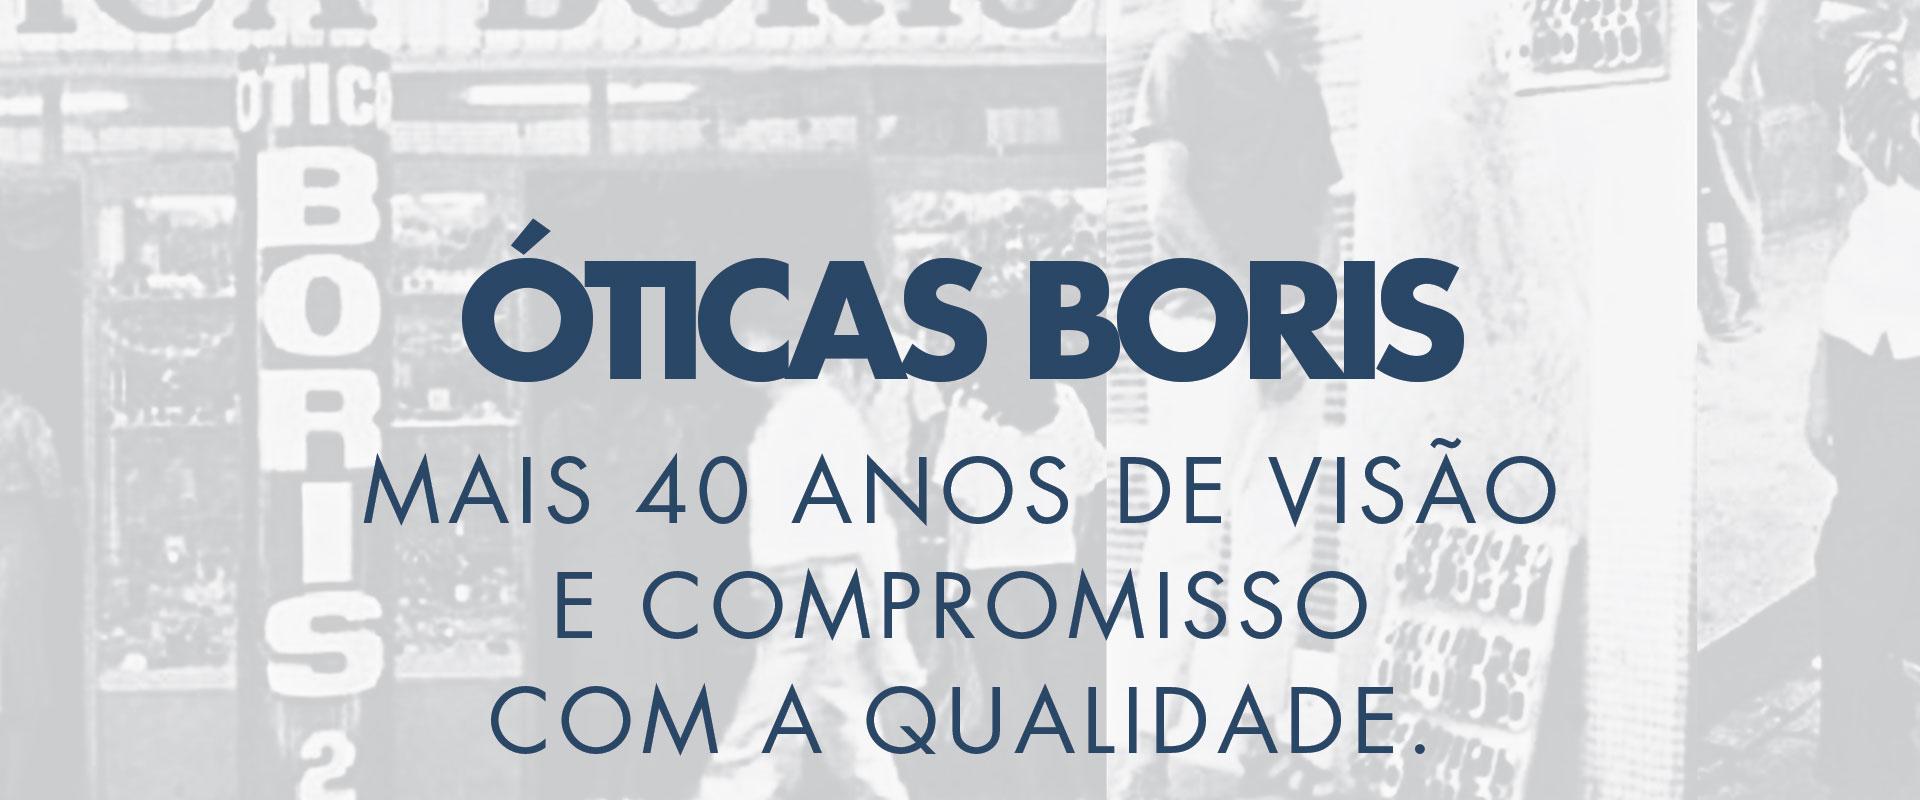 391488d6a9abc historia-boris - Óticas Boris